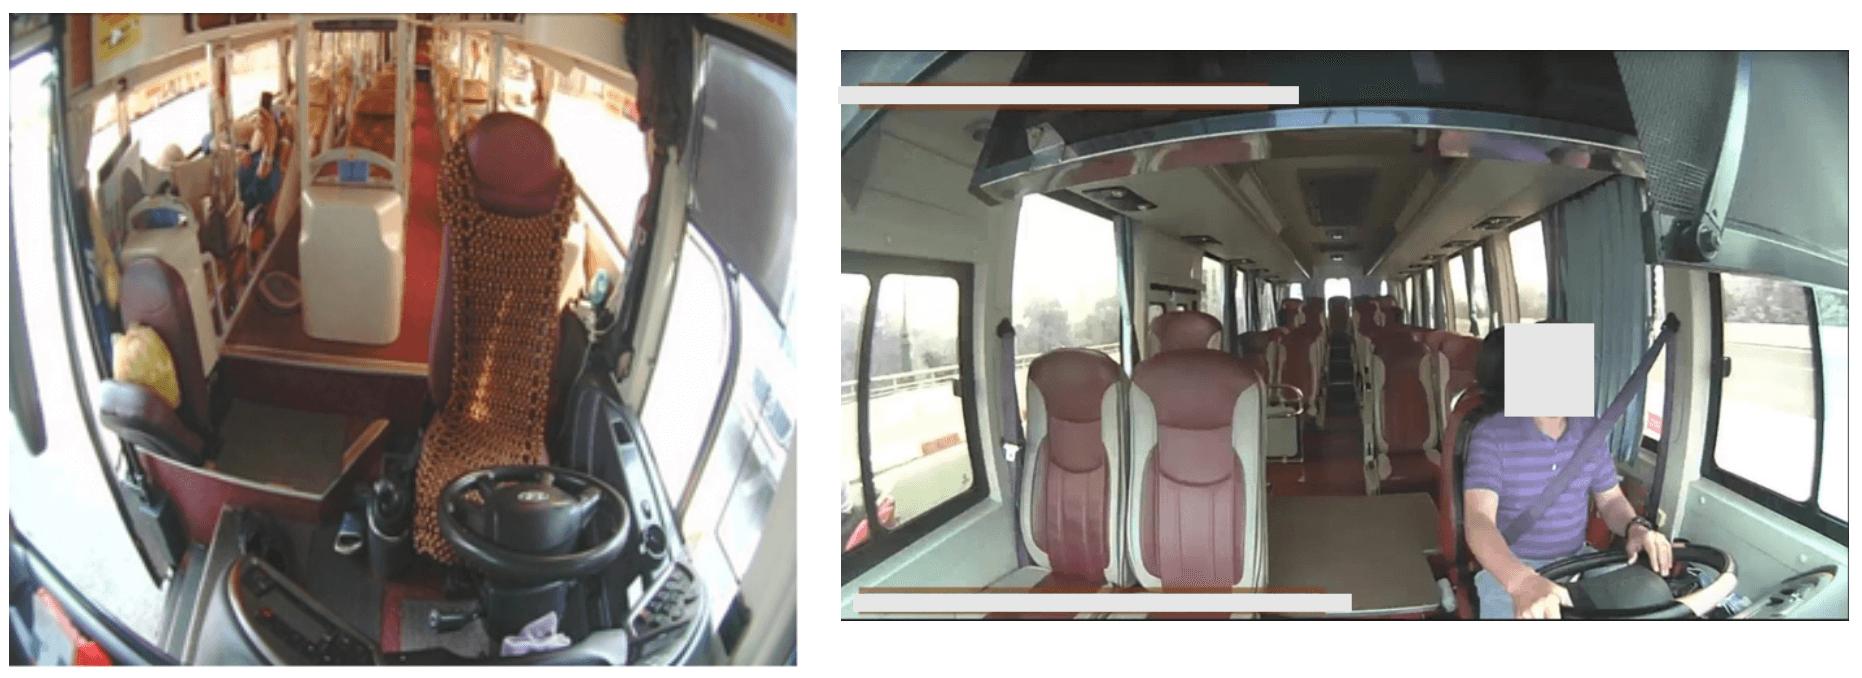 vị trí lắp đặt camera quan sát cửa lên xuống của xe, camera nghị định 10 BGTVT